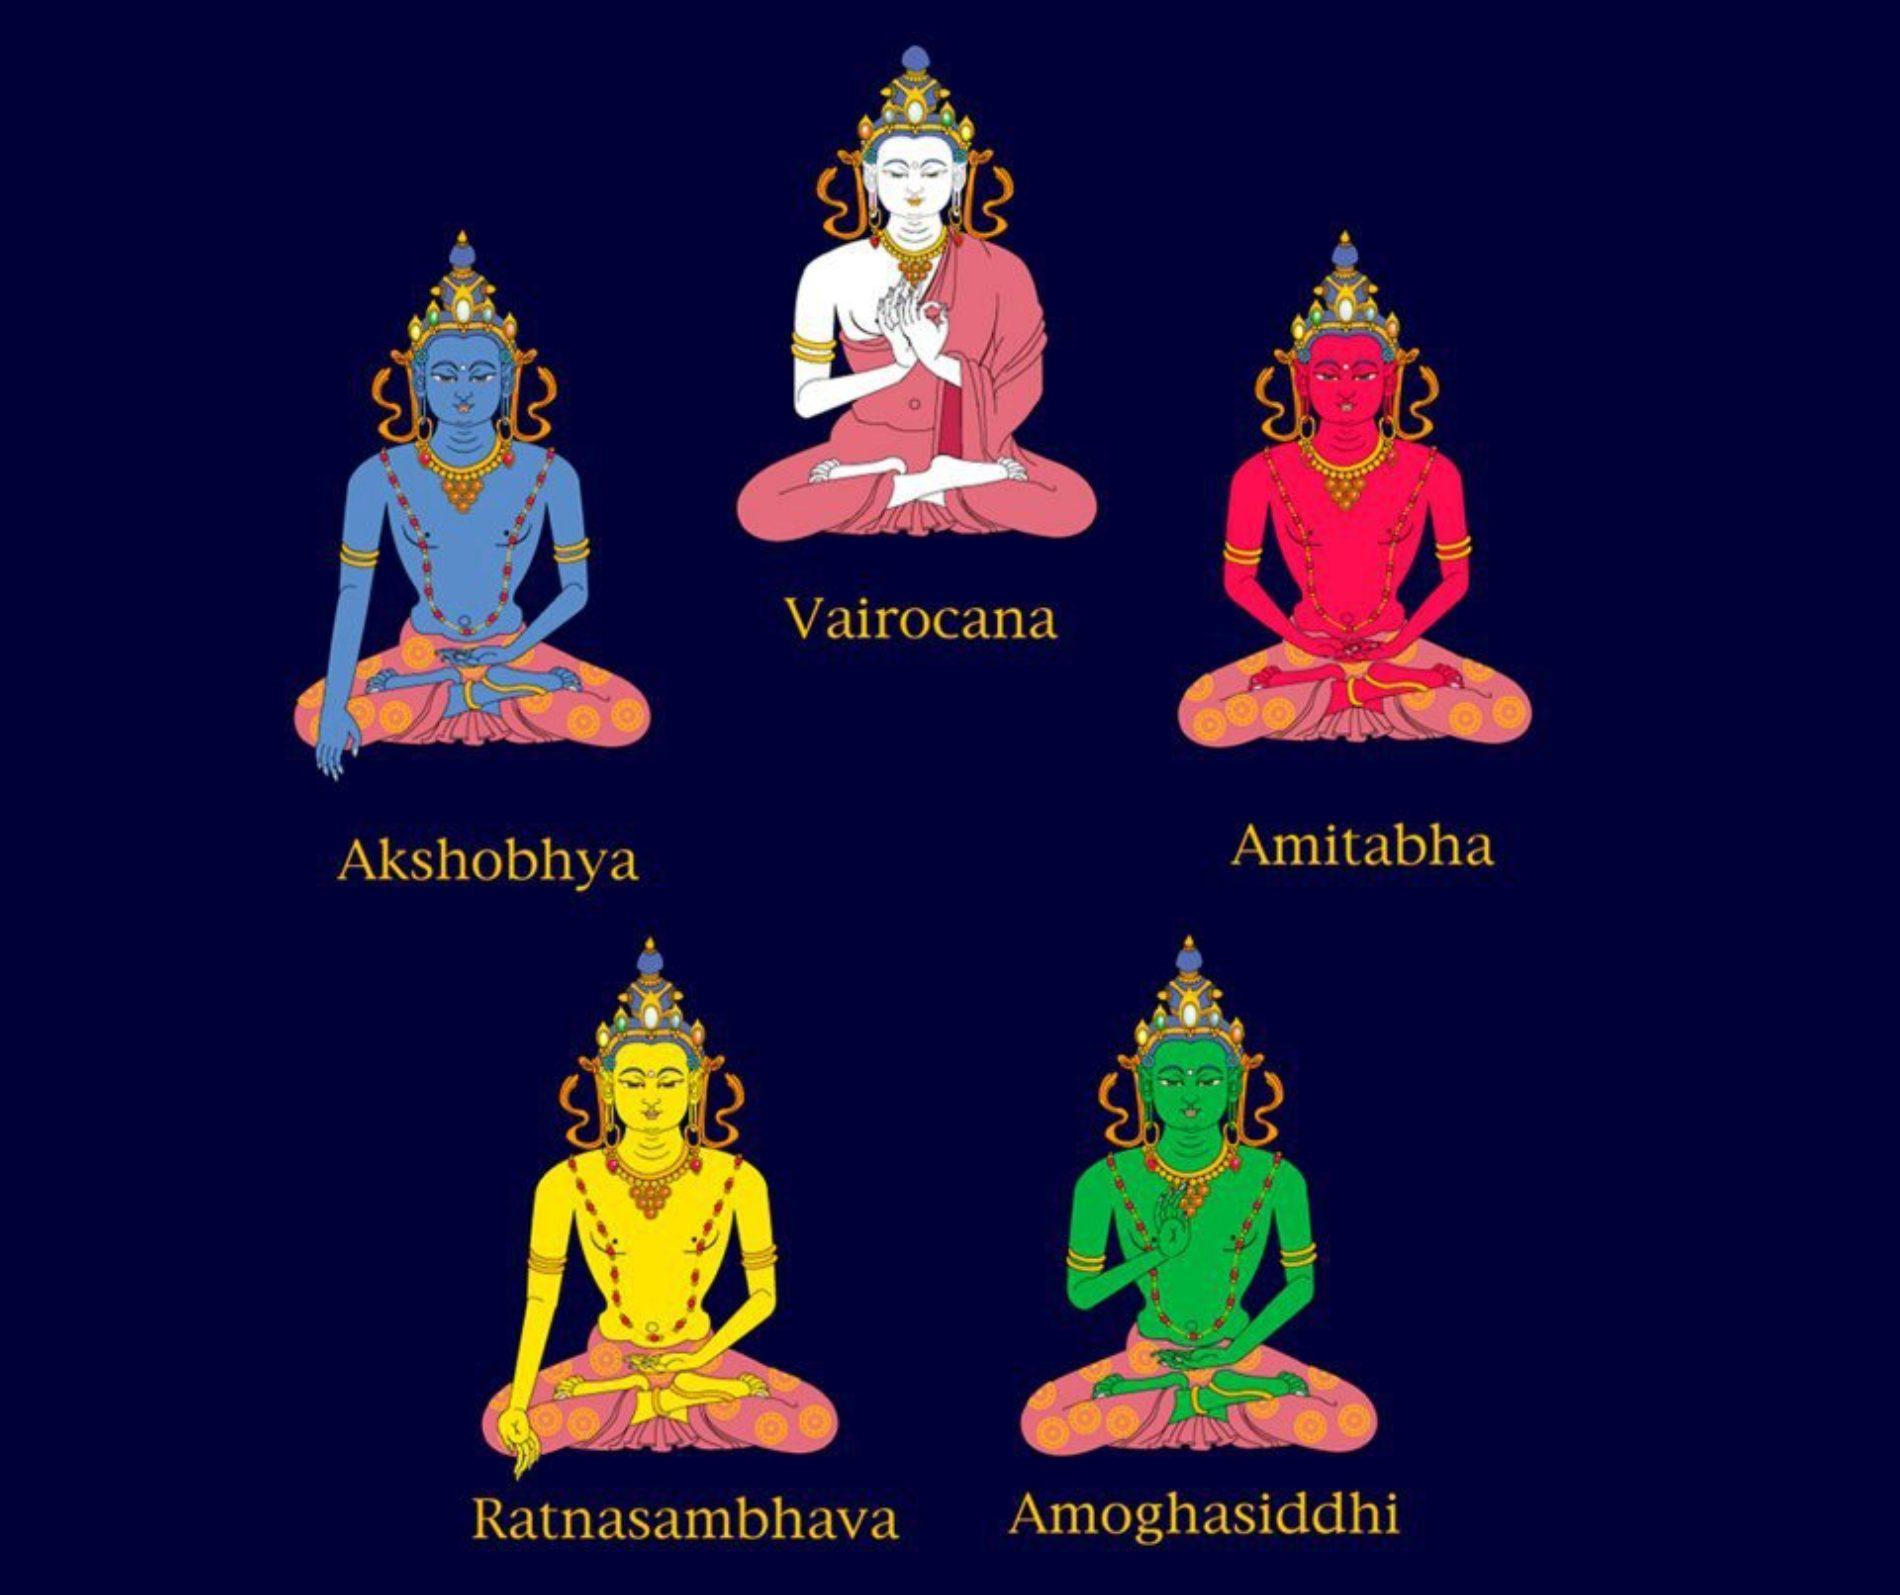 Неоднородность буддизма  (авторское исследование)